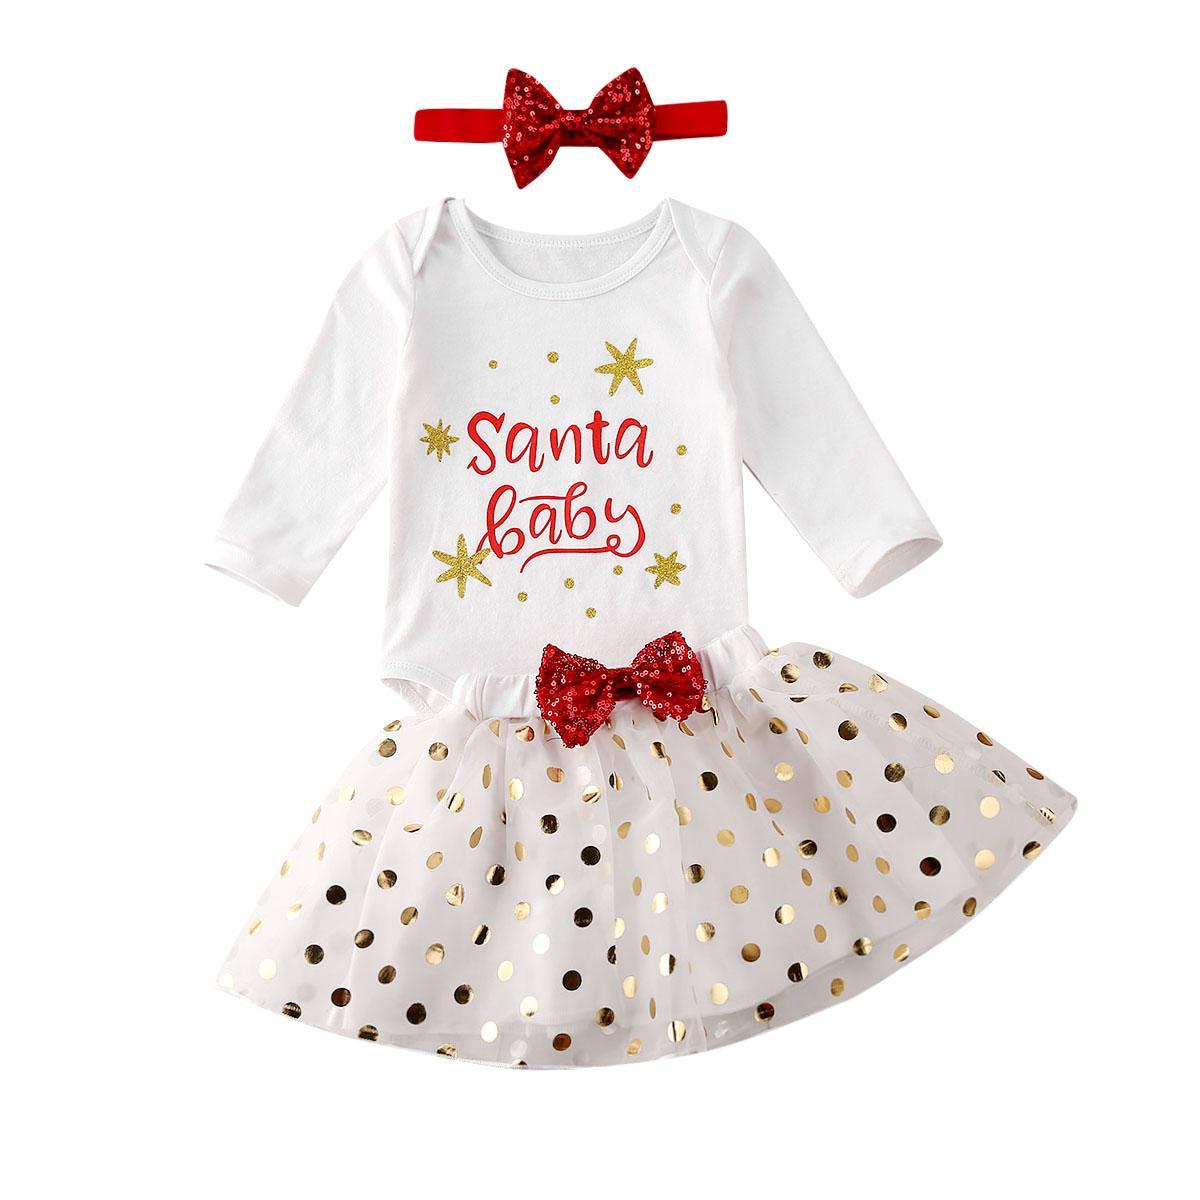 3шт Рождество новорожденный девочка одежда с длинным рукавом Санта ребенок печати белый комбинезон топ кружева пачка лук юбка горошек наряд